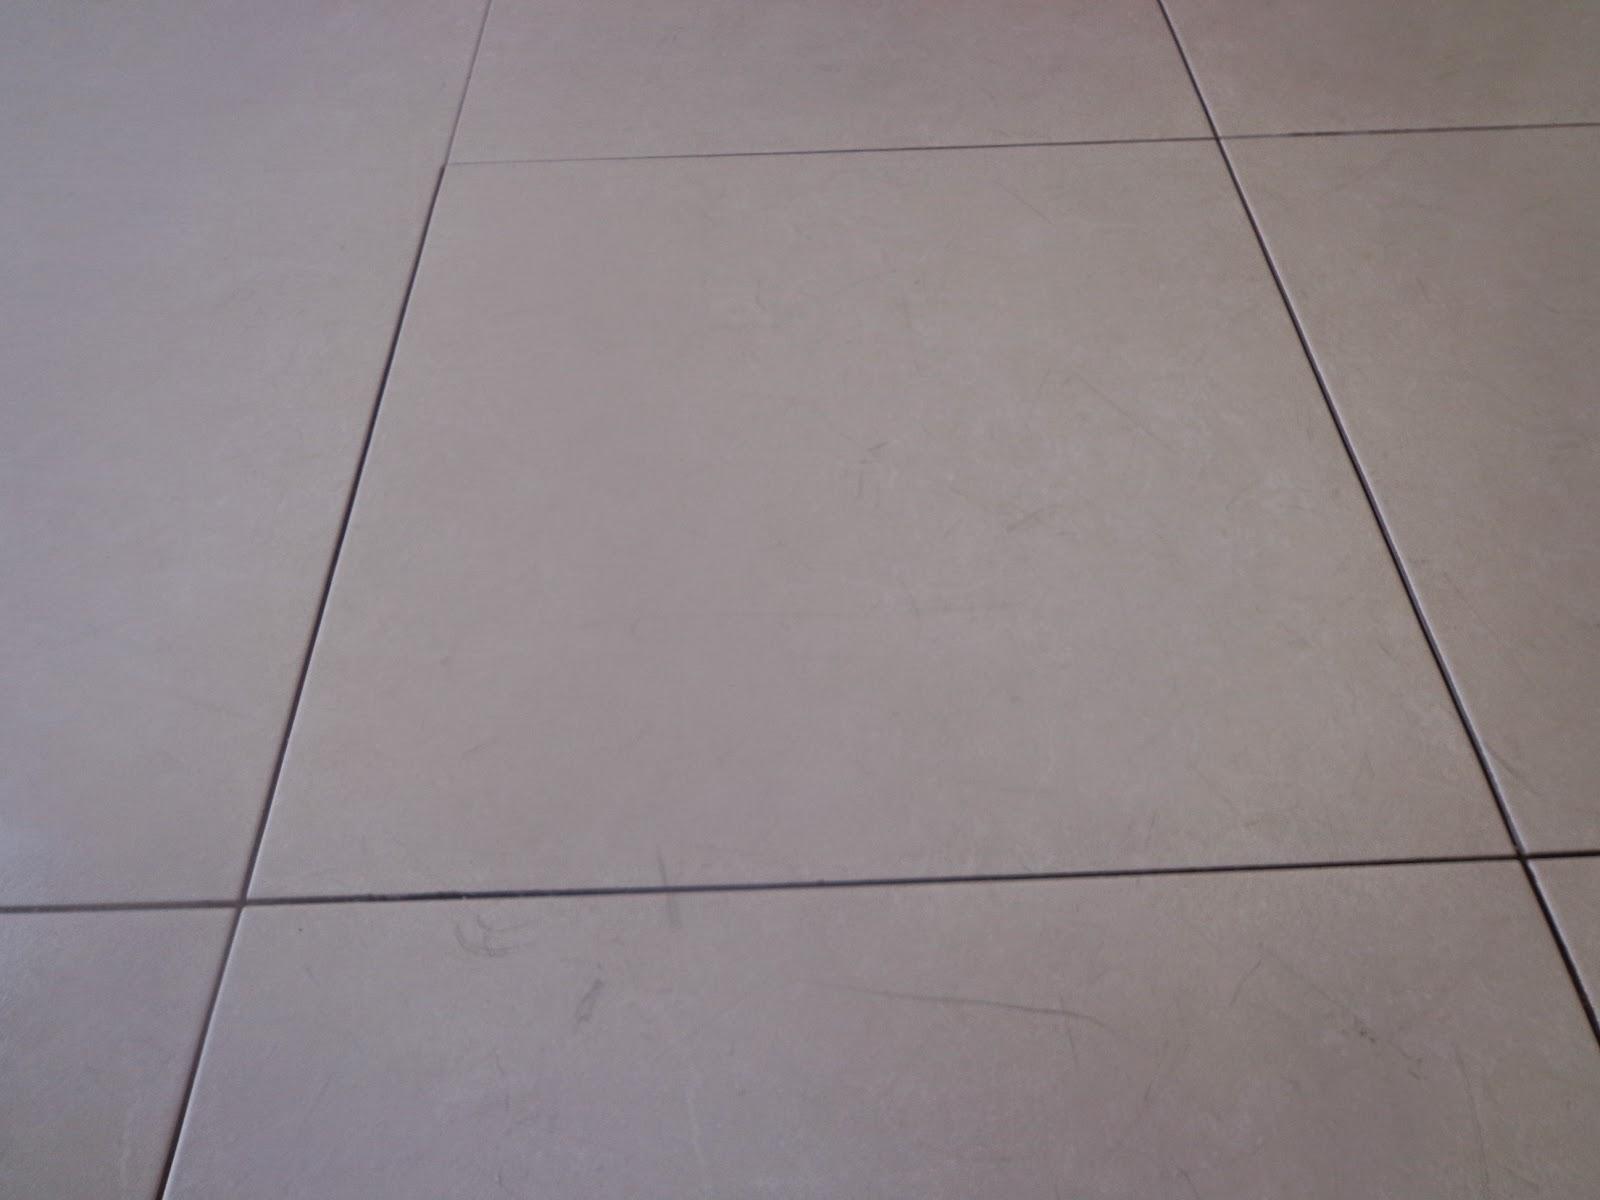 Piso banheiros Porcelanato Incepa retificado travertino acetinado  #675851 1600x1200 Banheiro Com Porcelanato Retificado